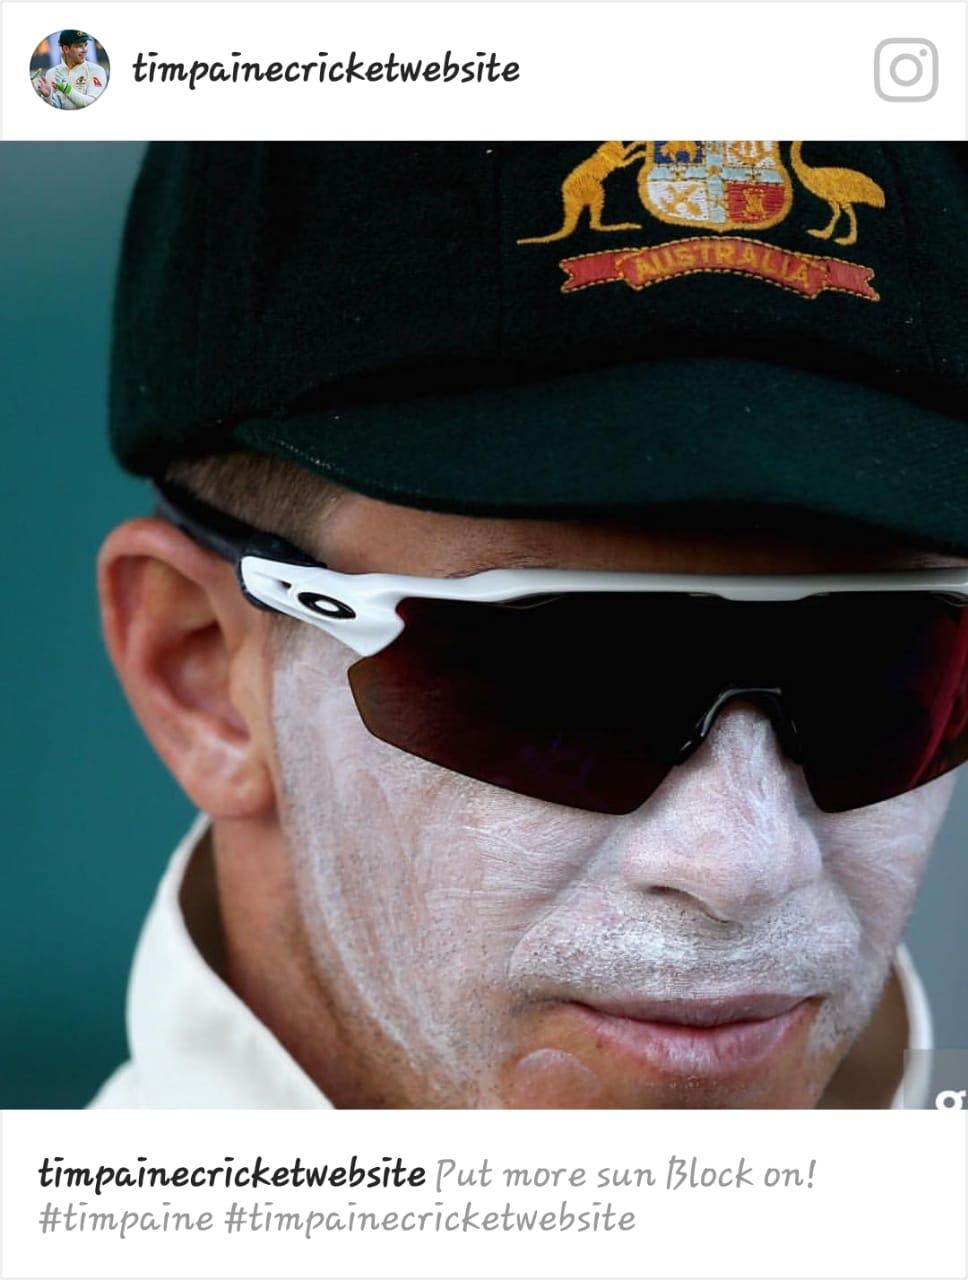 Tim Paine Australian Test Skipper. Will be Tasmanian wicket keeper this week at SCG